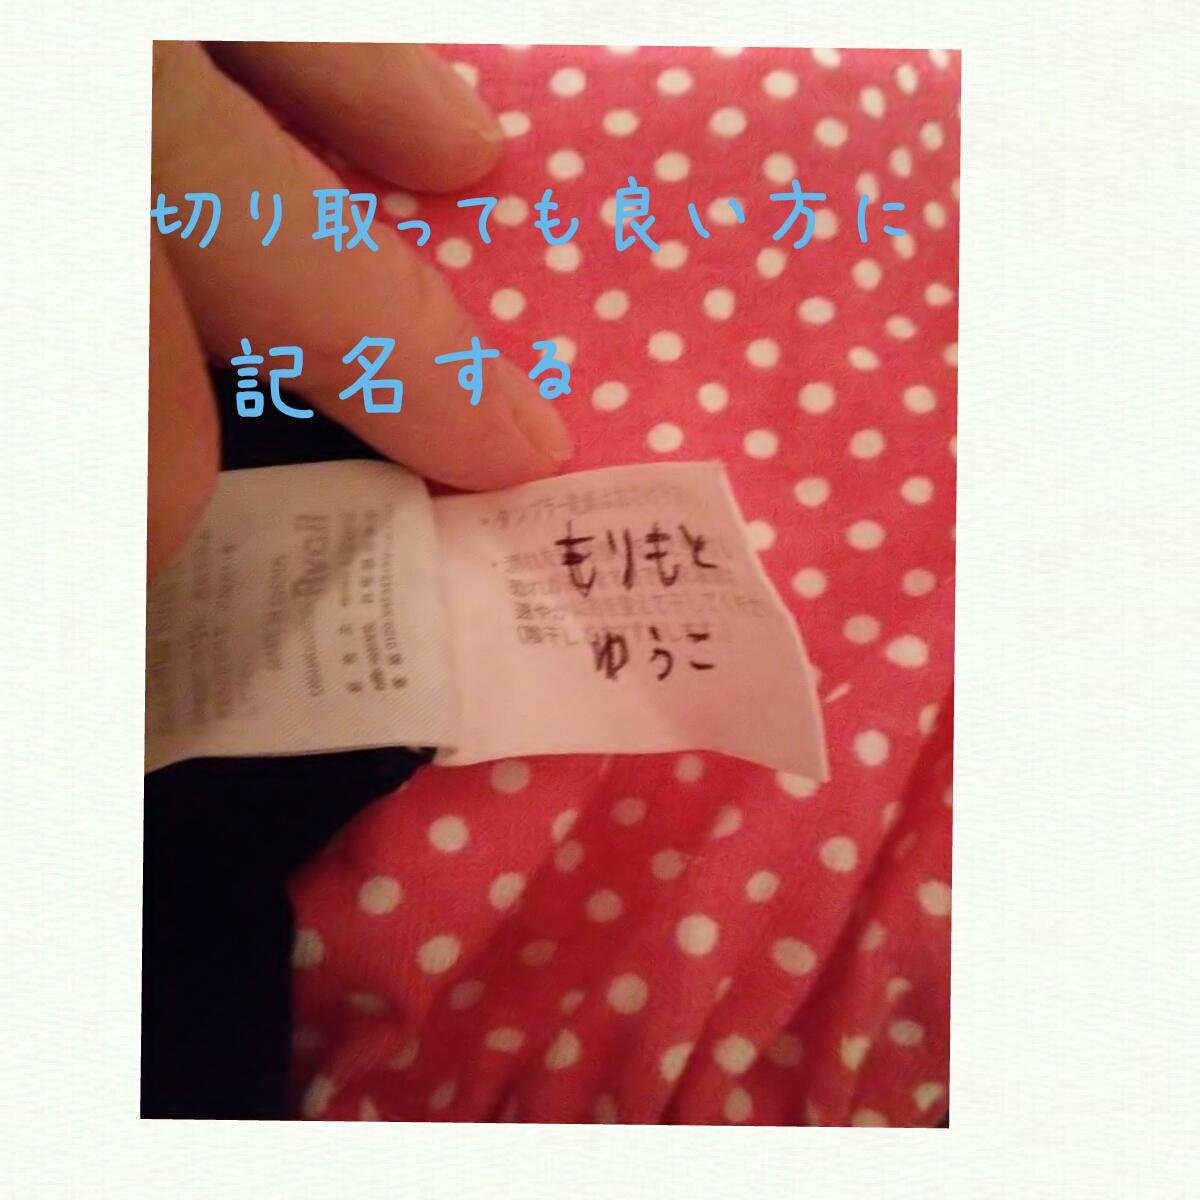 子供服の記名